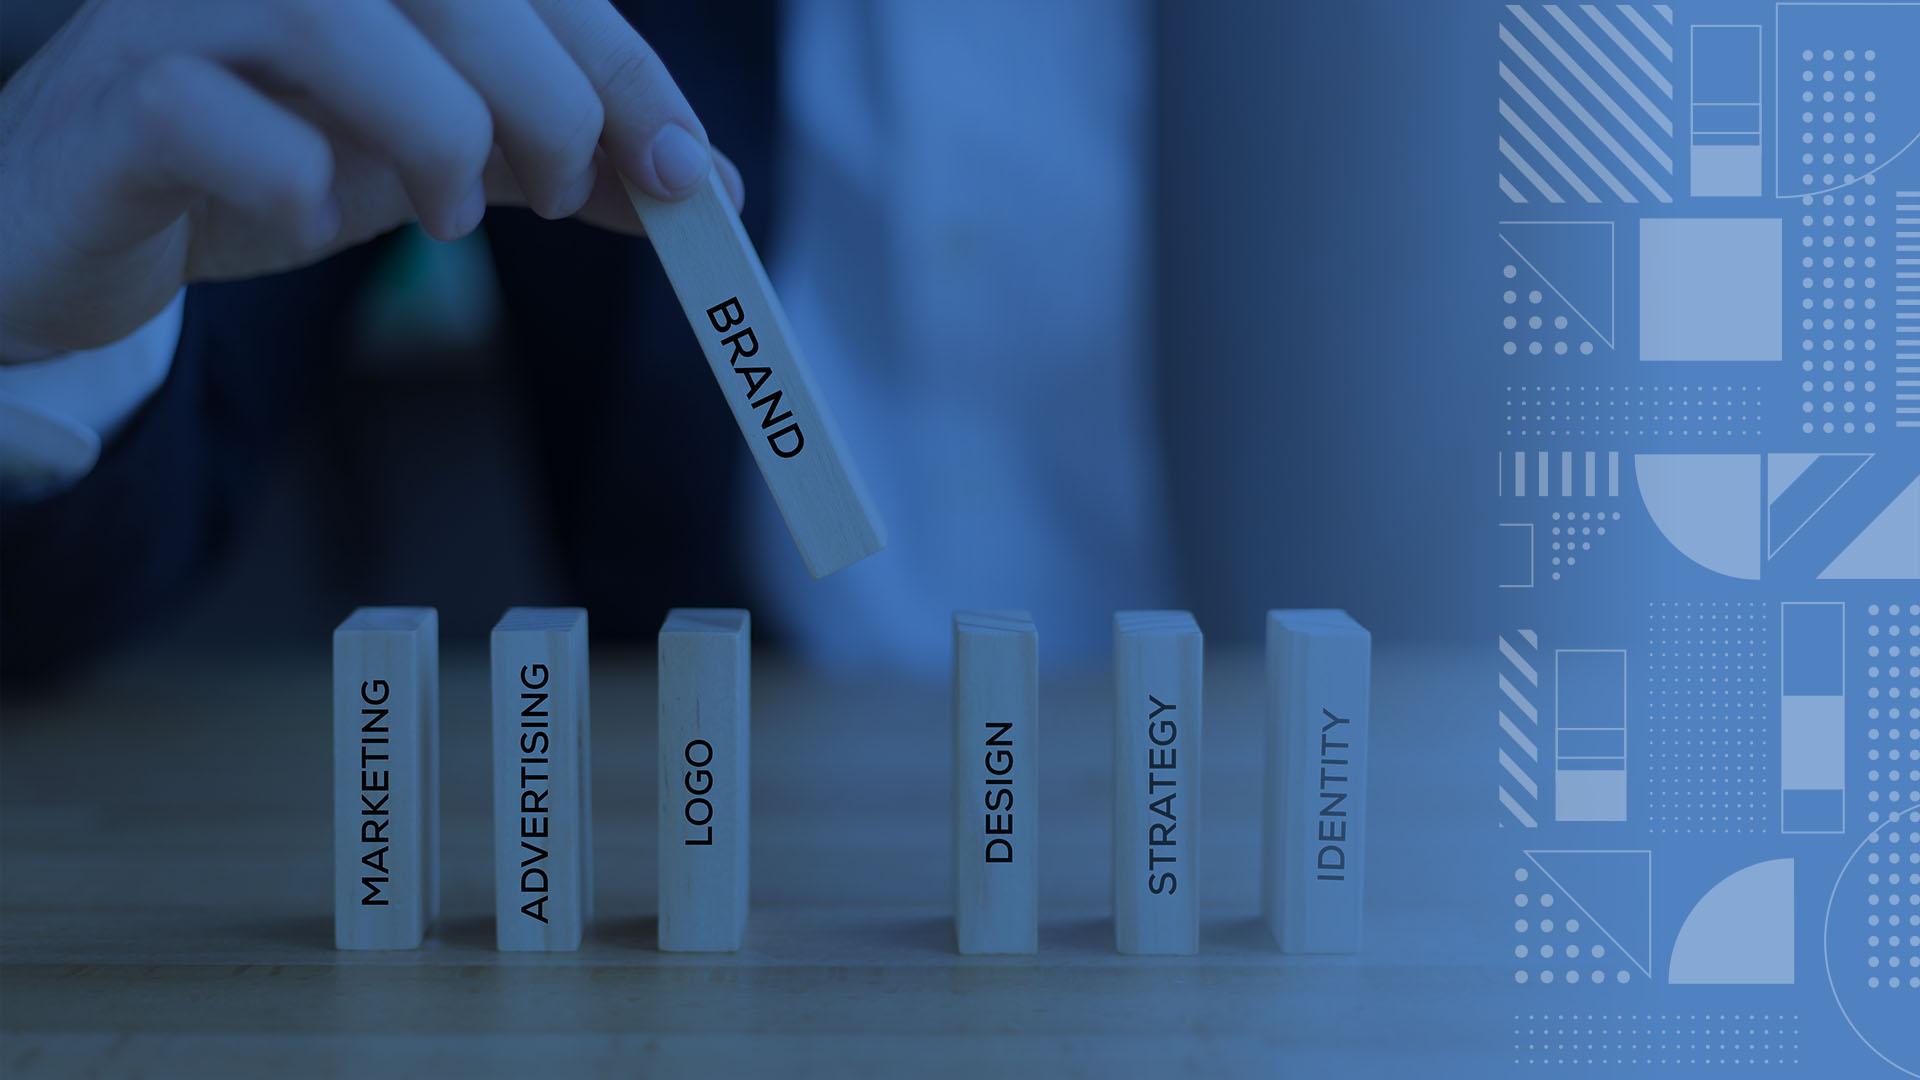 7 langkah untuk membangun brand bisnis